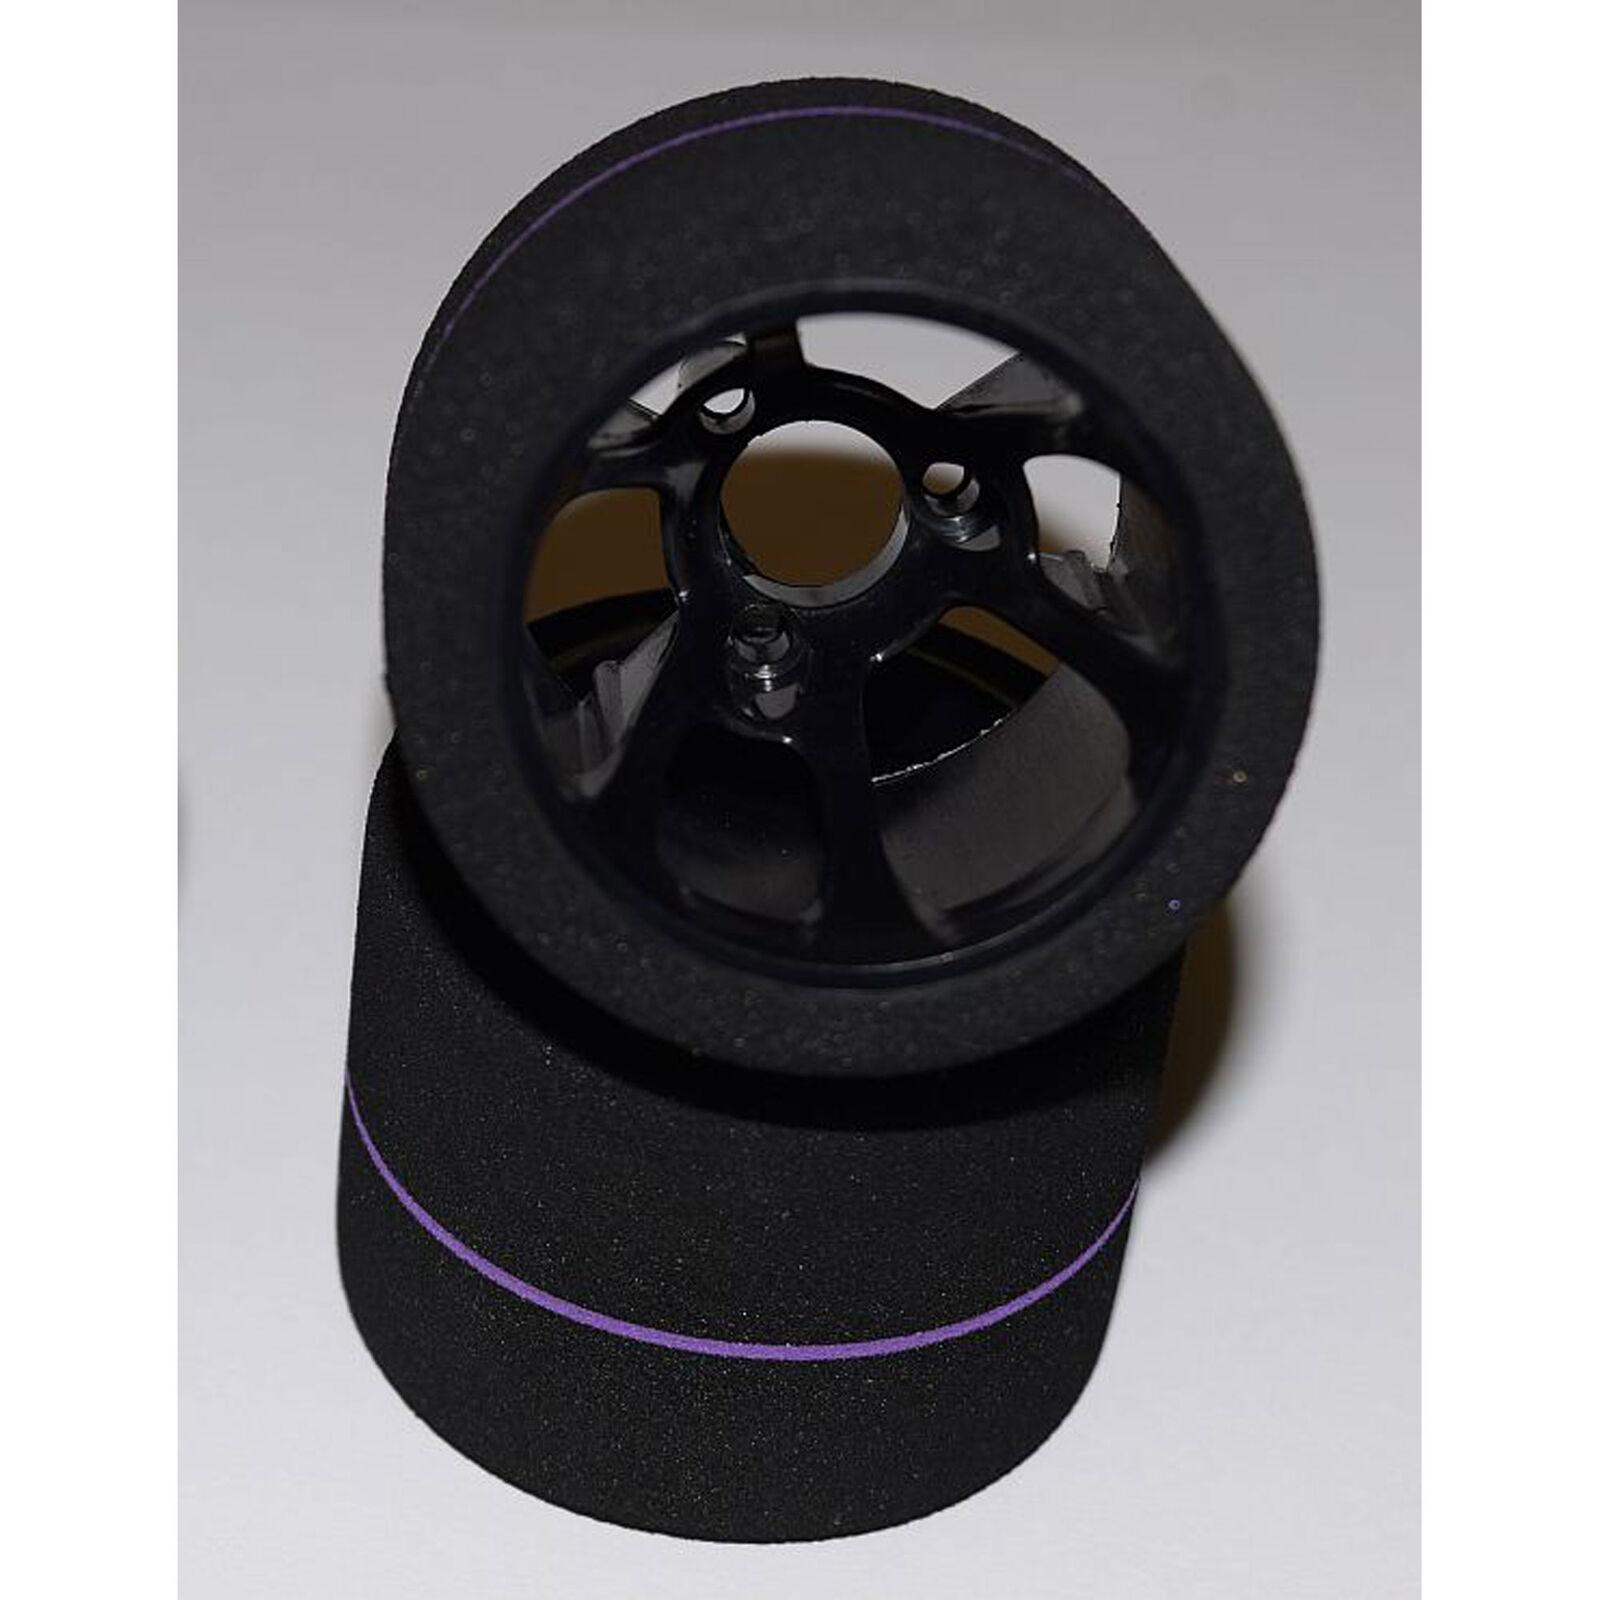 1/12 Spec Tire, Rear Mounted Wheel, Team Purple (2)